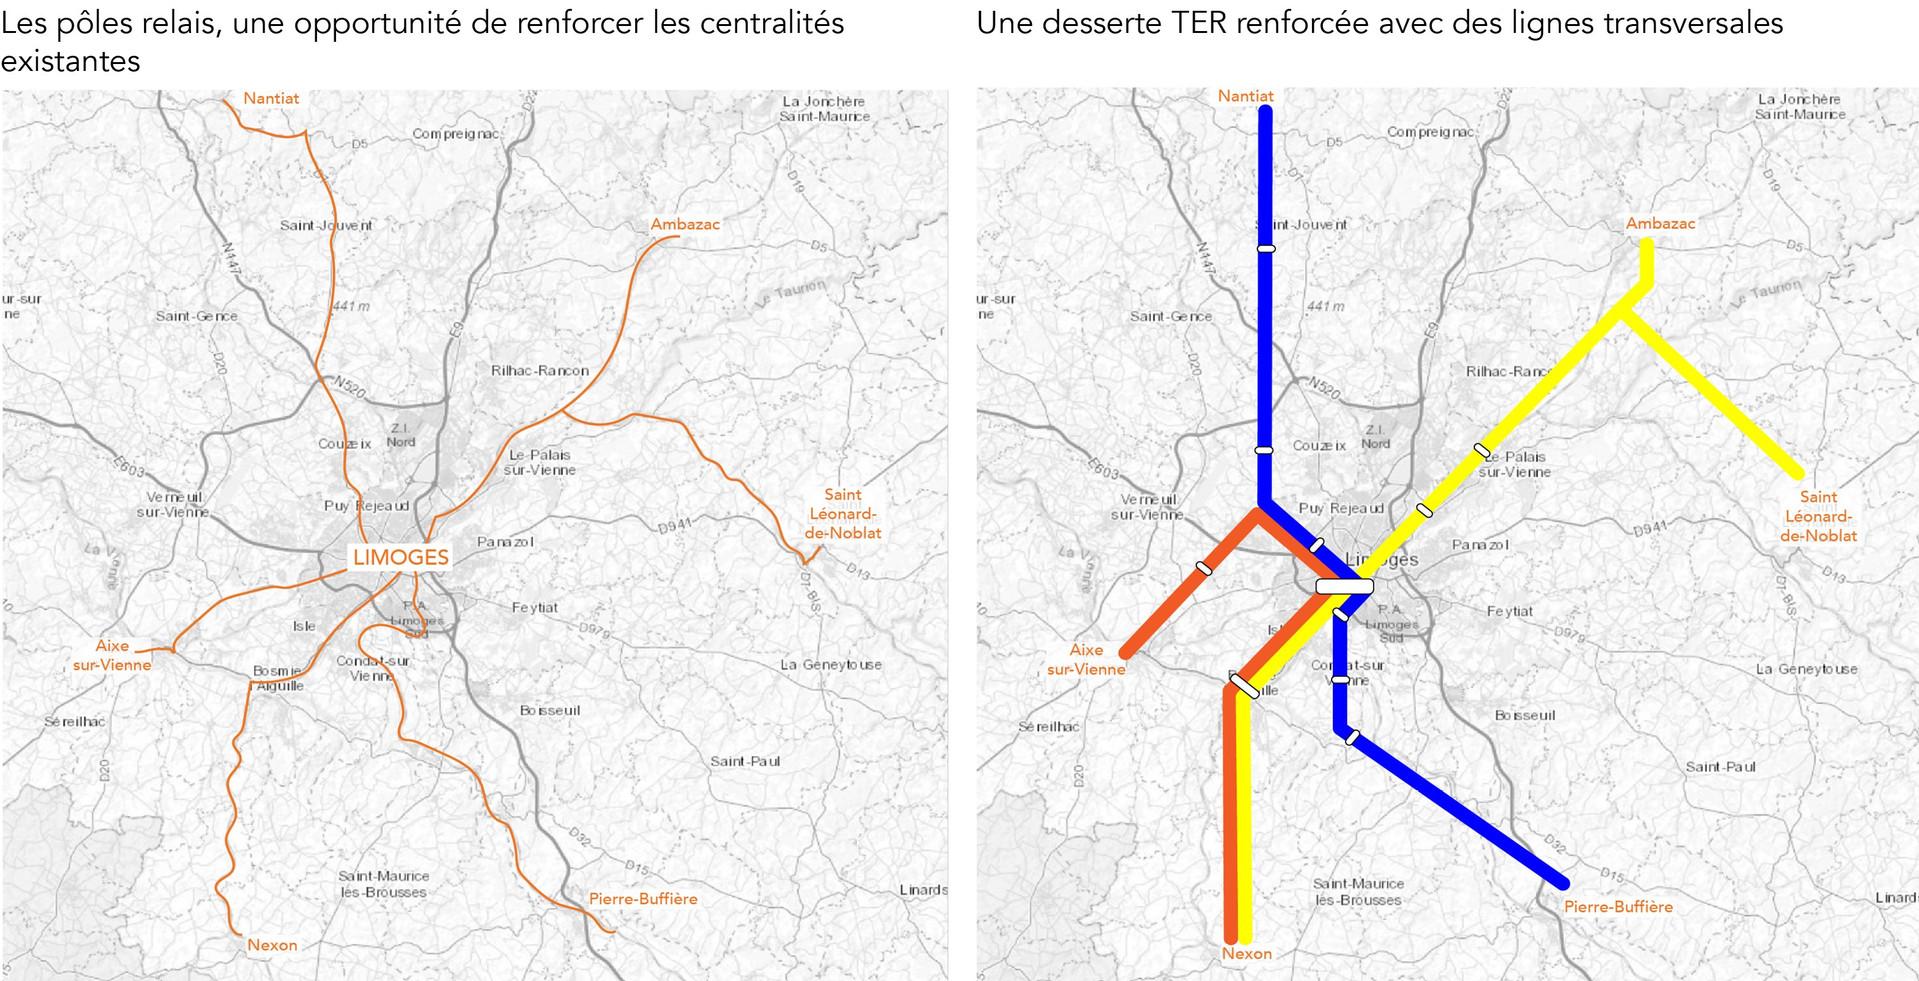 Centralités à l'échelle de l'Aire urbaine de limoges : les pôles relais